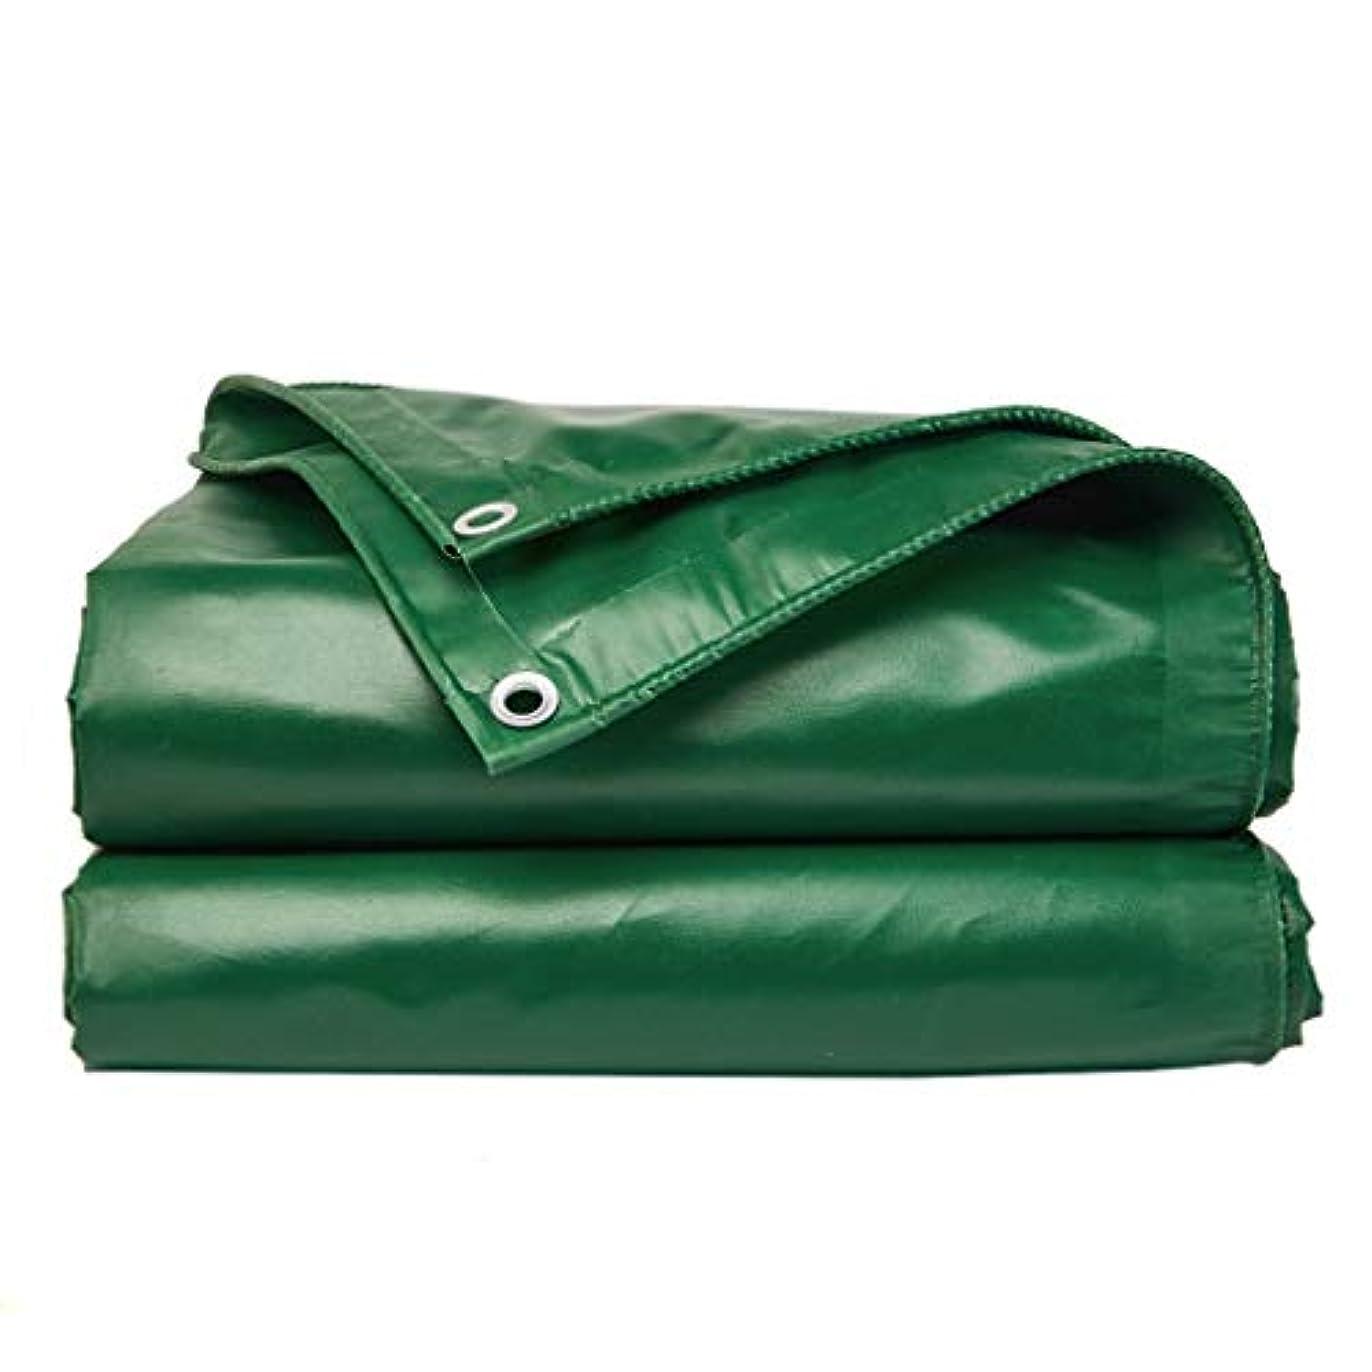 罰インレイ梨オーニング多目的ターポリン、ポータブル屋外用カーペットマット、通気性耐候性、トラック用防雨布、車用レインUV (Size : 12mx8m)